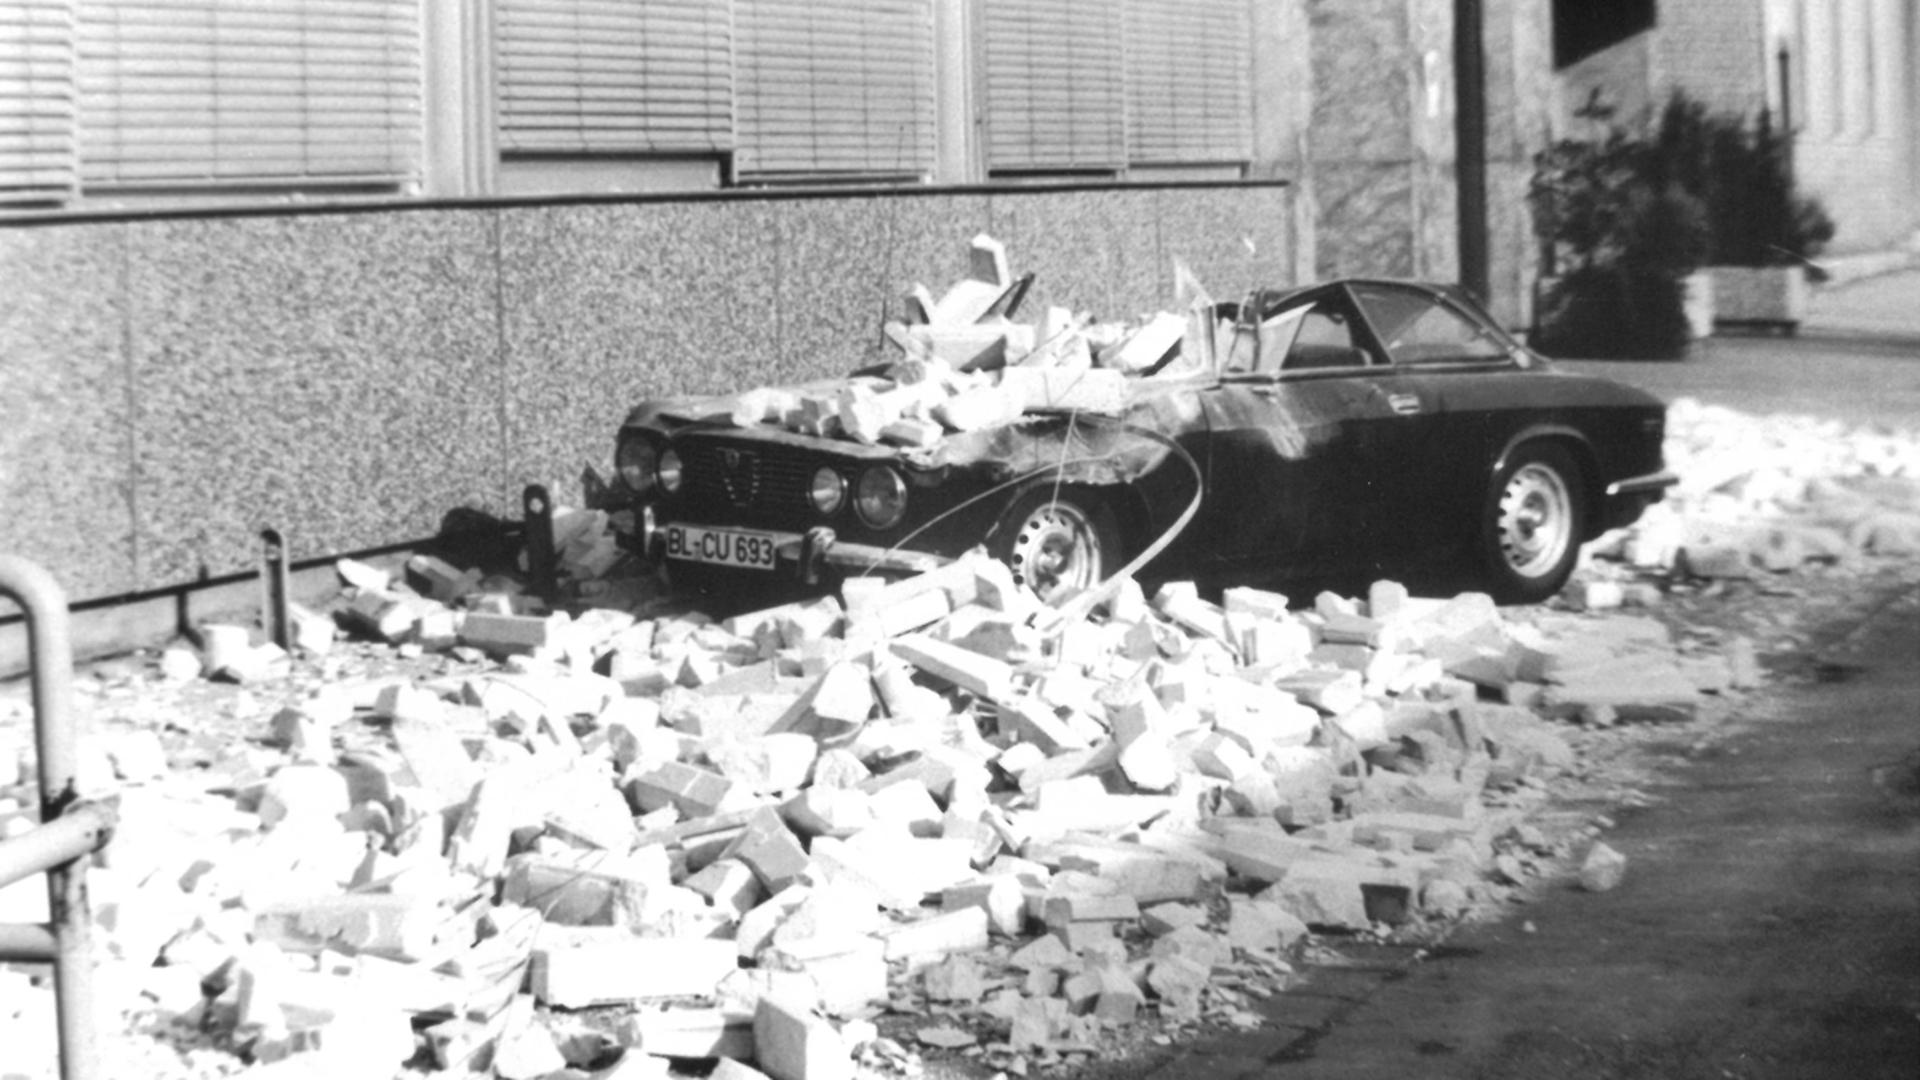 Auto ist unter Schutt begraben